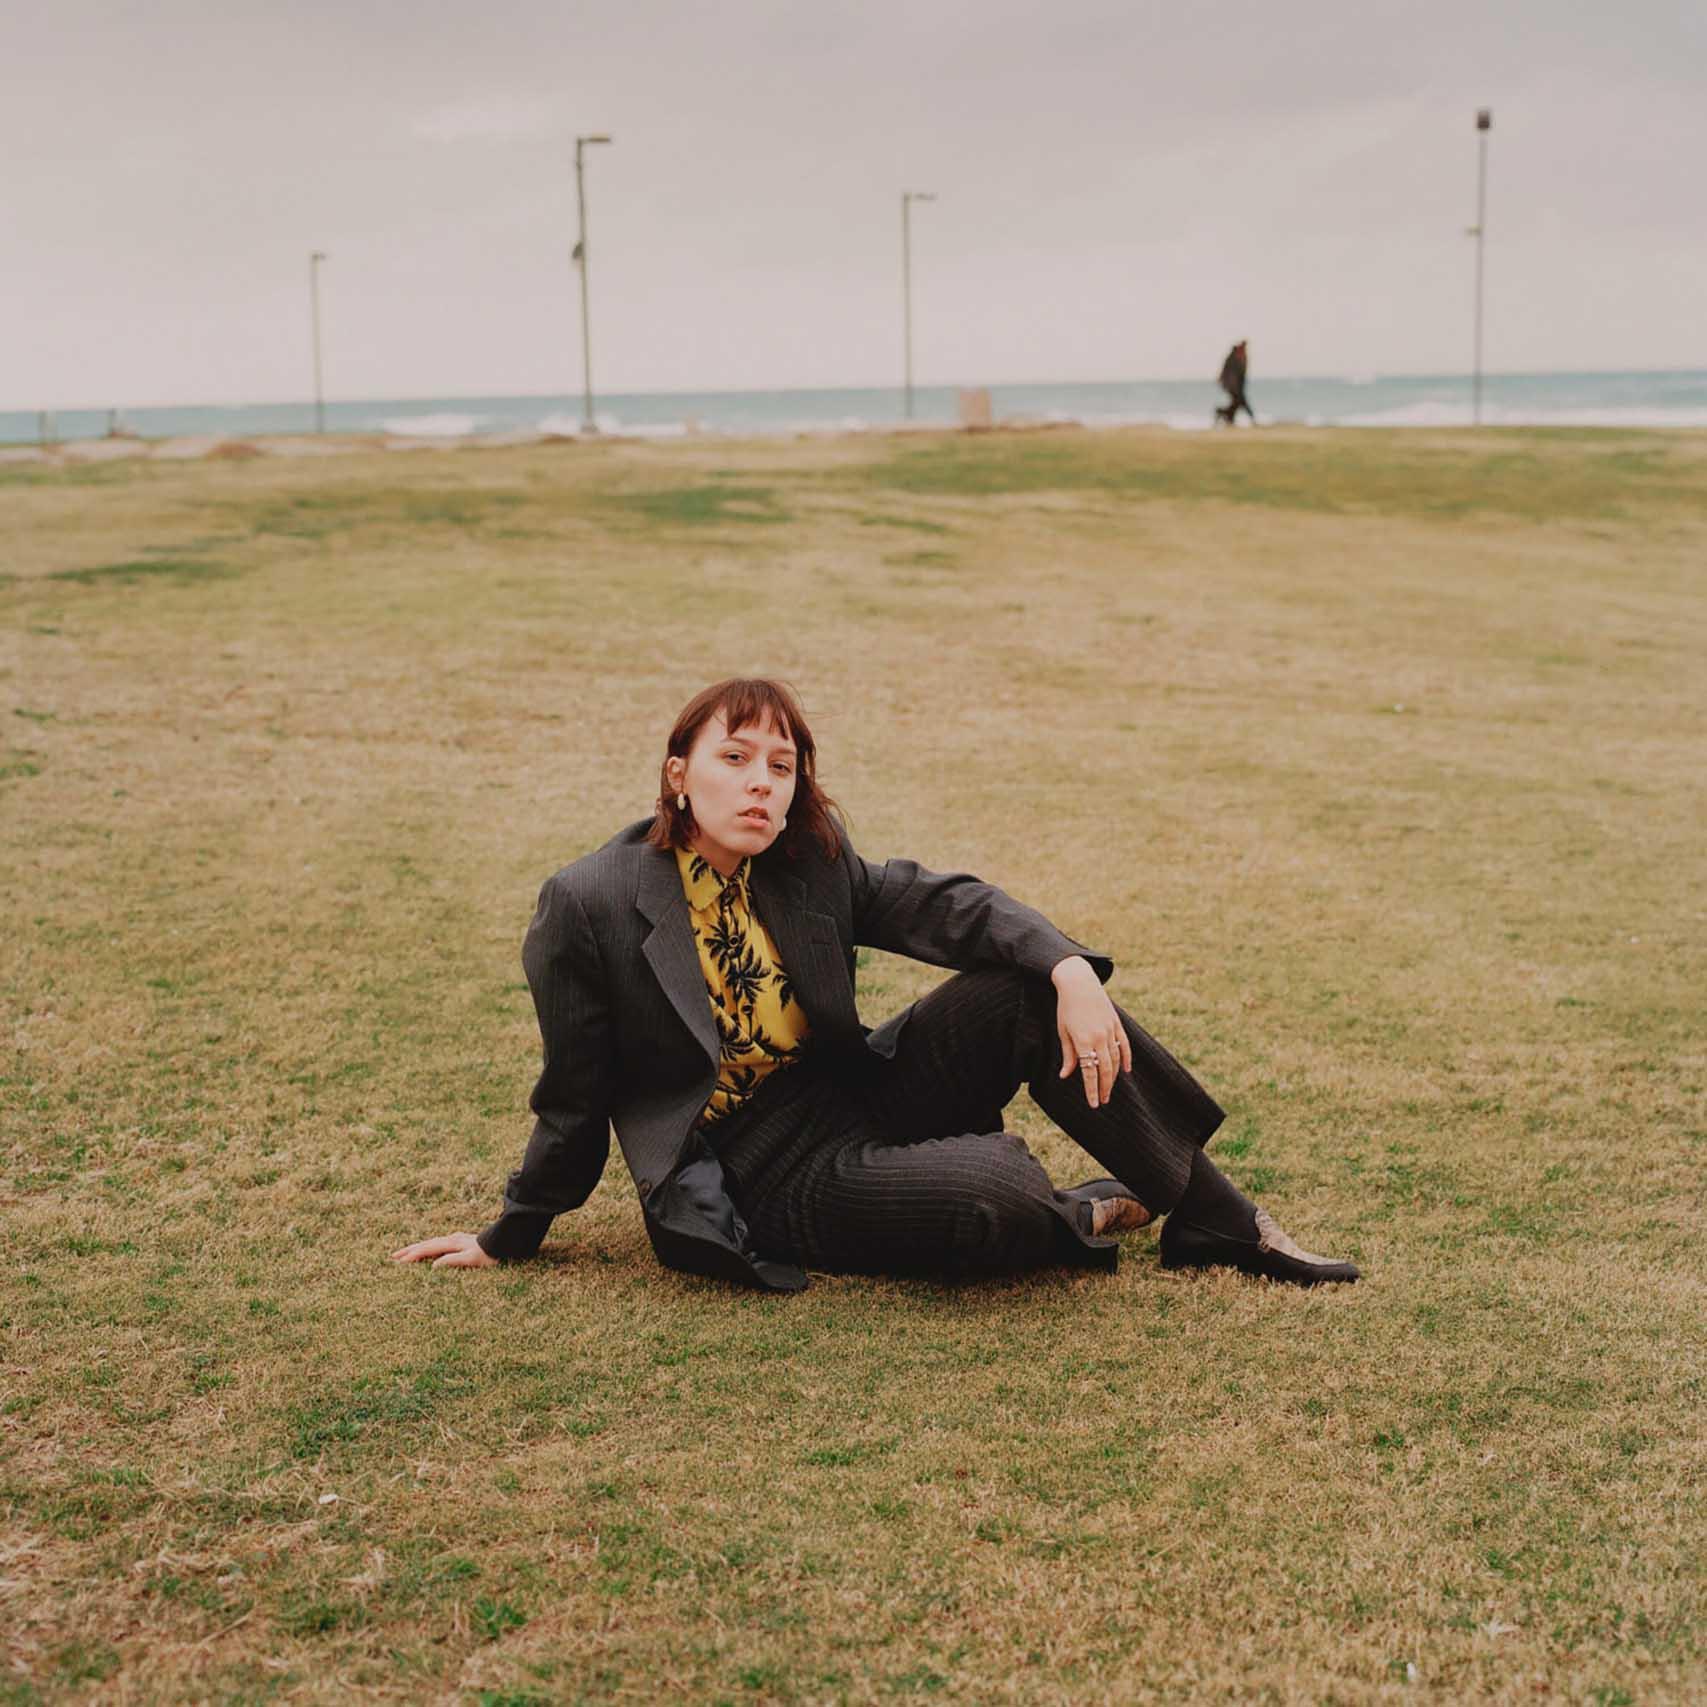 הפקות אופנה, צילום: עוז ברק, דוגמנית: Christina Hlybova, אופנה: ונטה -מגזין אופנה ישראלי - 7